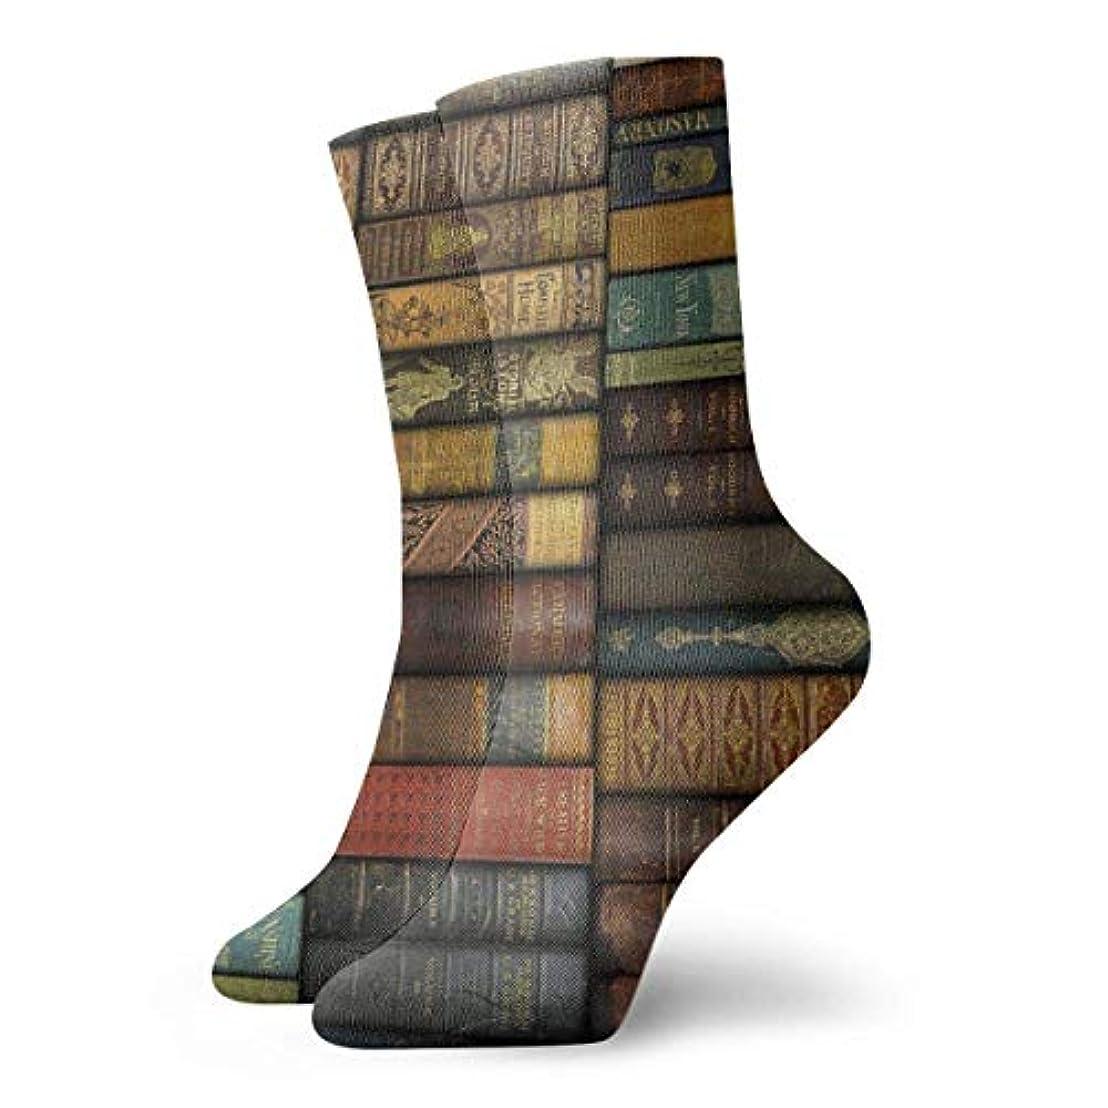 プラグボア伝統的クルクルノベルティデザインクルーソックス、ヴィンテージ書籍、クリスマス休暇クレイジー楽しいカラフルなファンシーソックス、冬暖かいストレッチクルーソックス